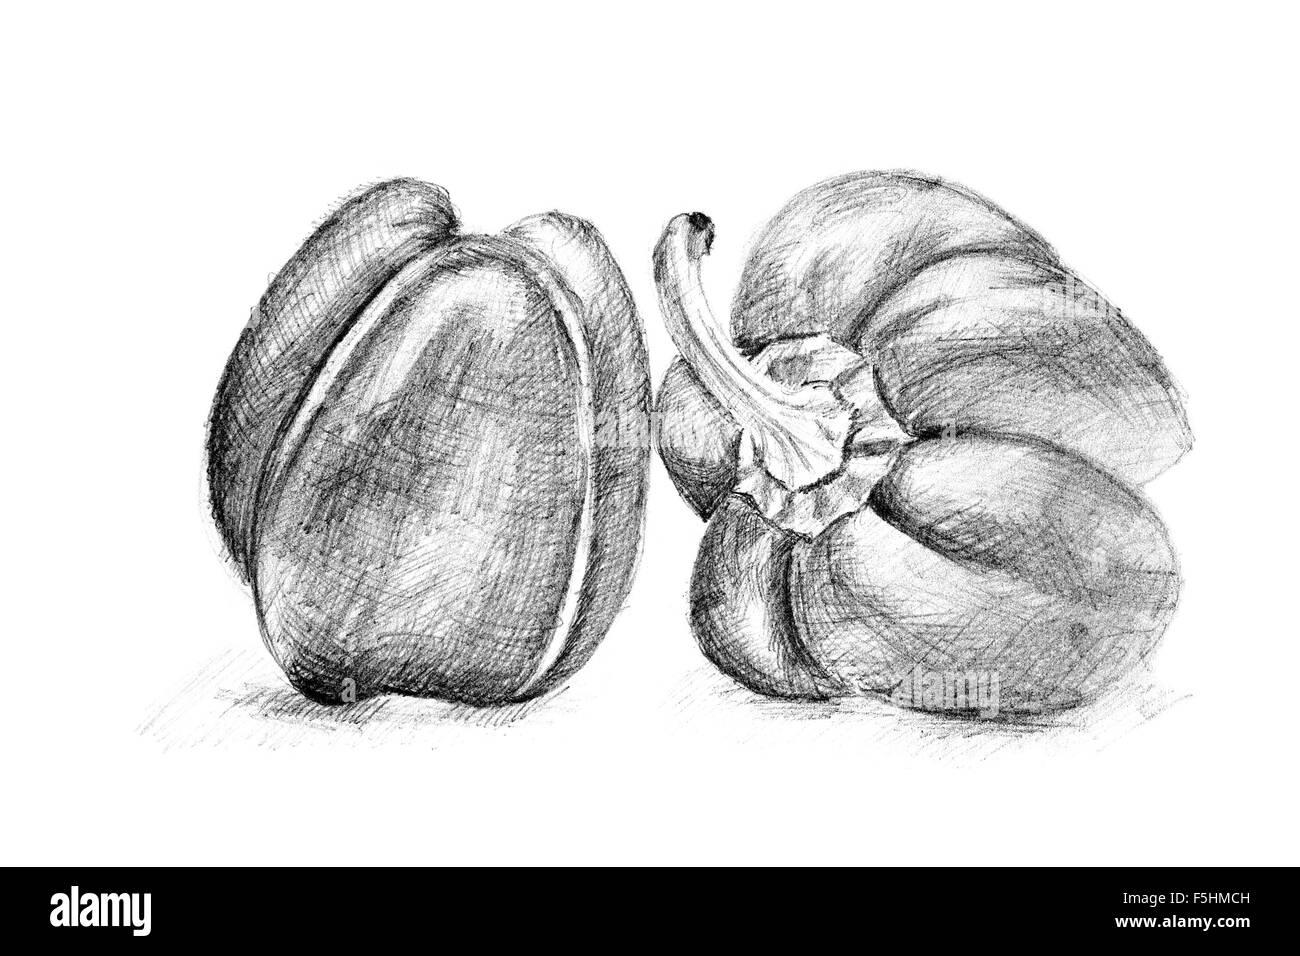 Dibujo A Lapiz De La Pimienta O Pimenton En El Libro Blanco